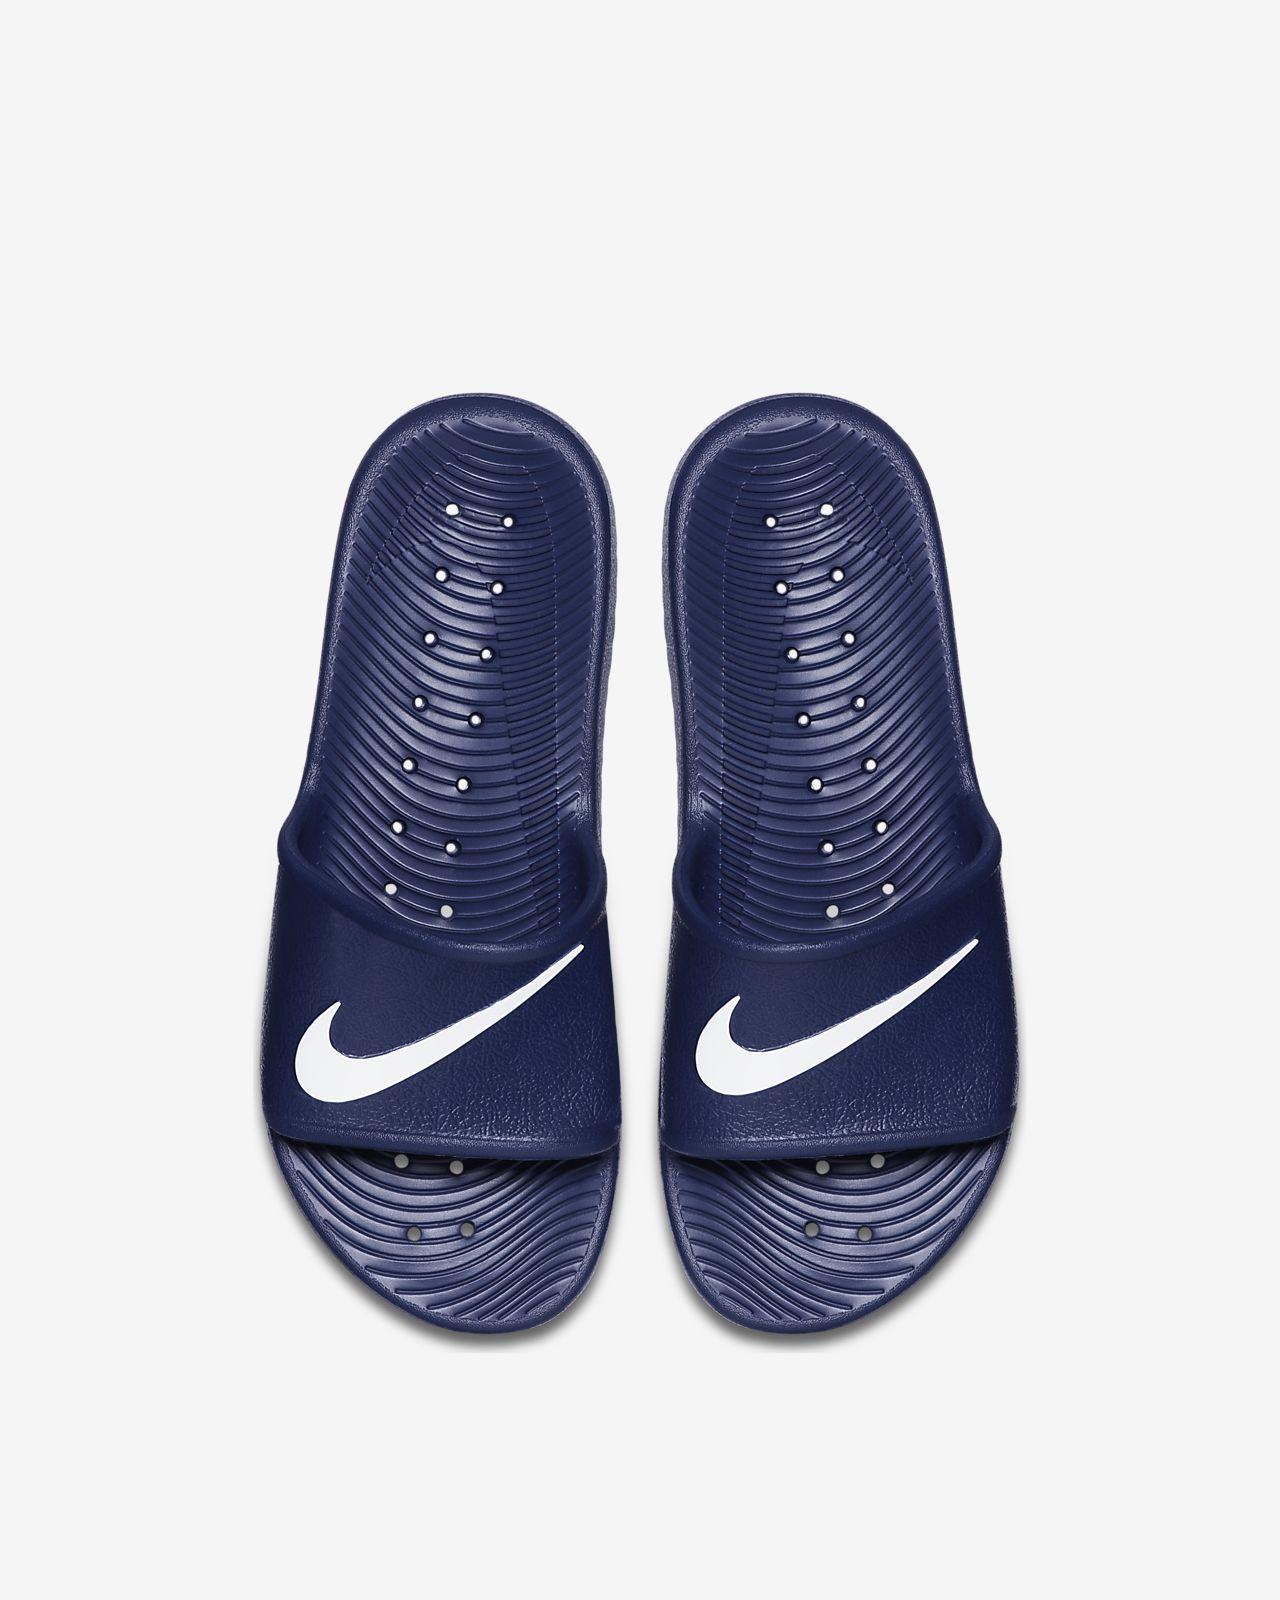 official photos 61ac6 b0e1d ... Claquette Nike Kawa Shower pour Homme